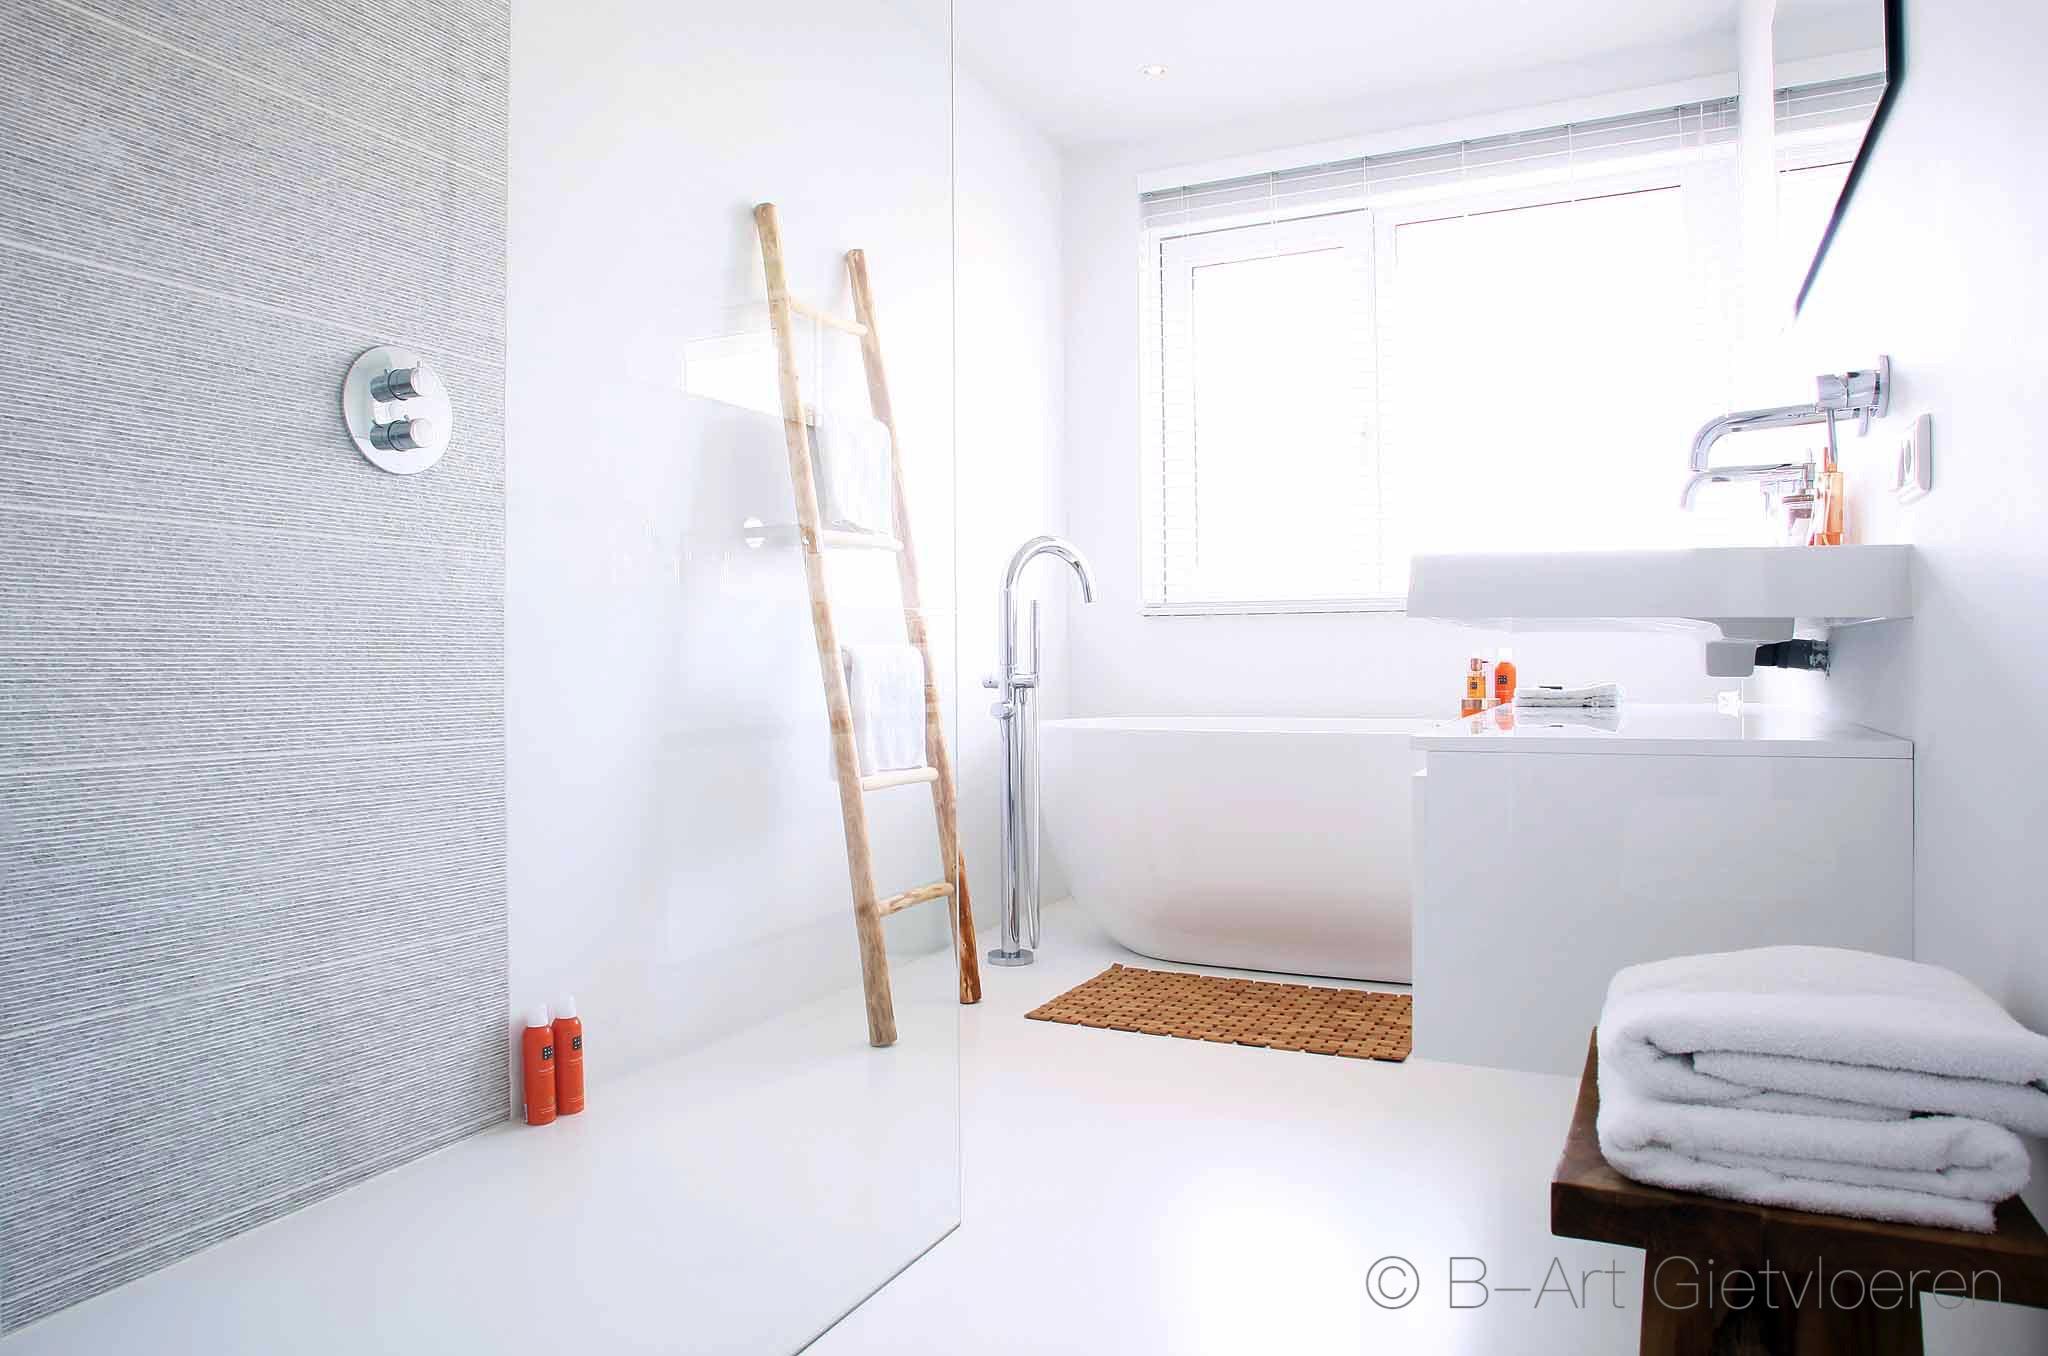 Badkamer Met Gietvloer : Gietvloer in uw badkamer zijn warm en zacht onder de voeten